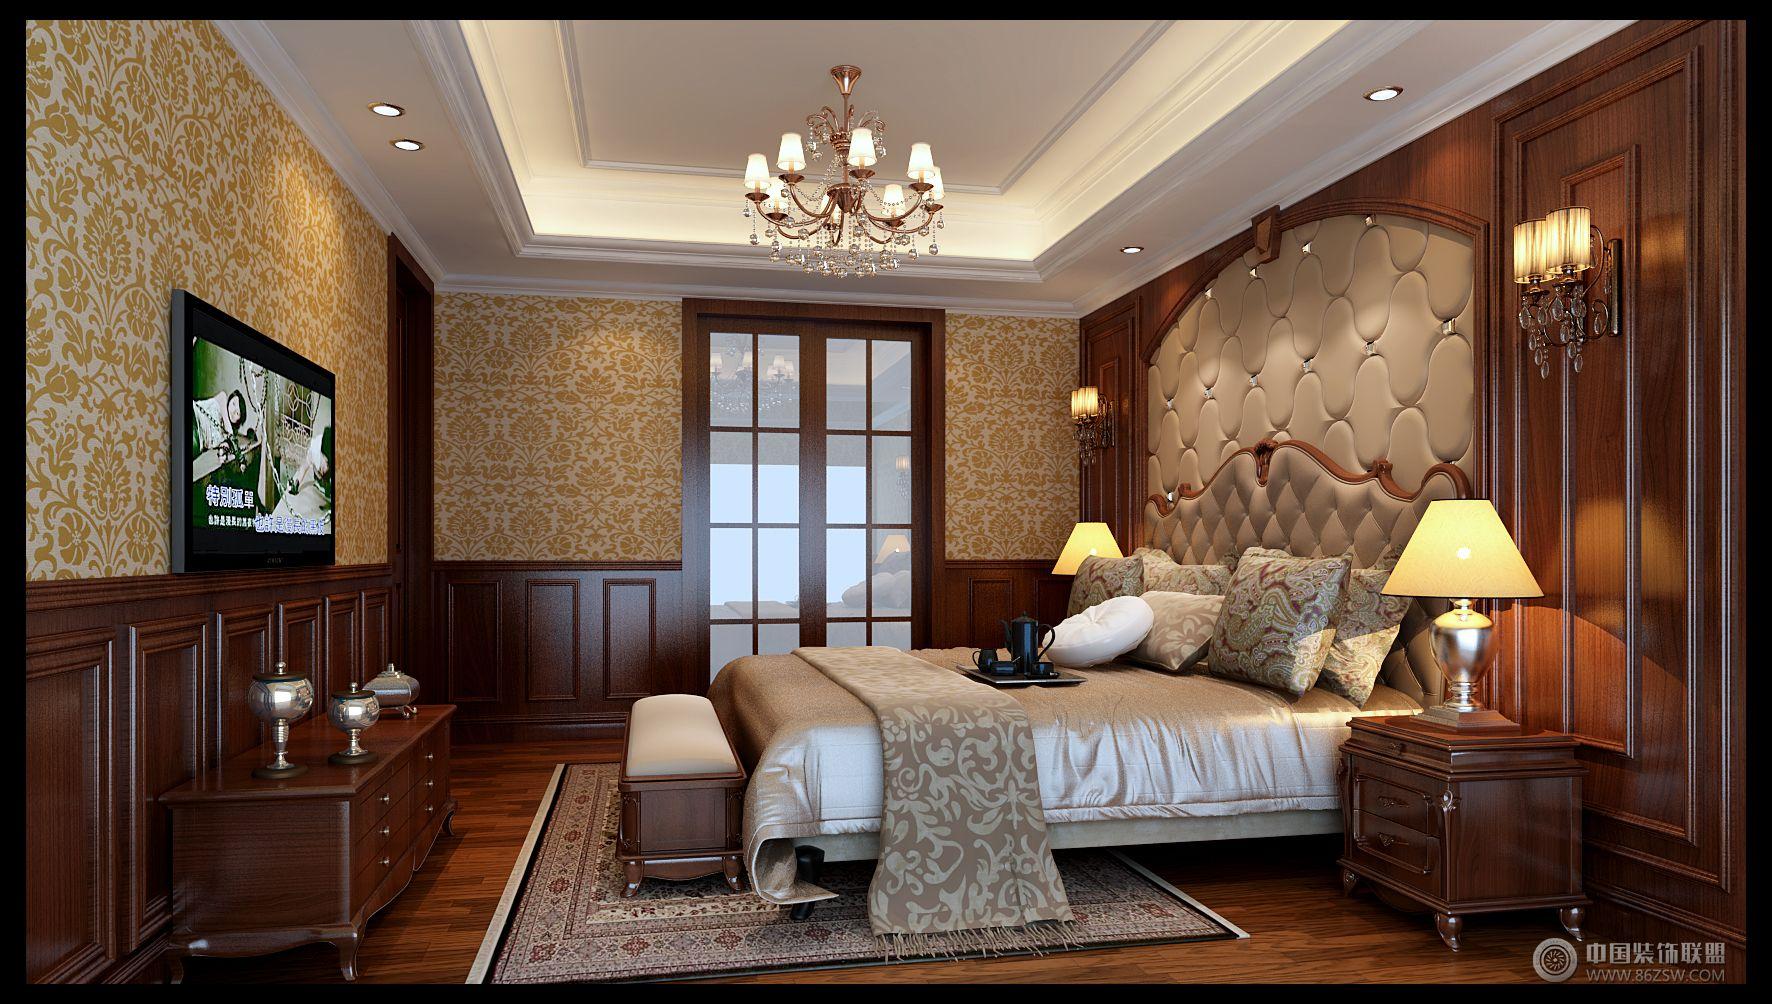 欧式风格别墅软装设计案例-卧室装修效果图-八六